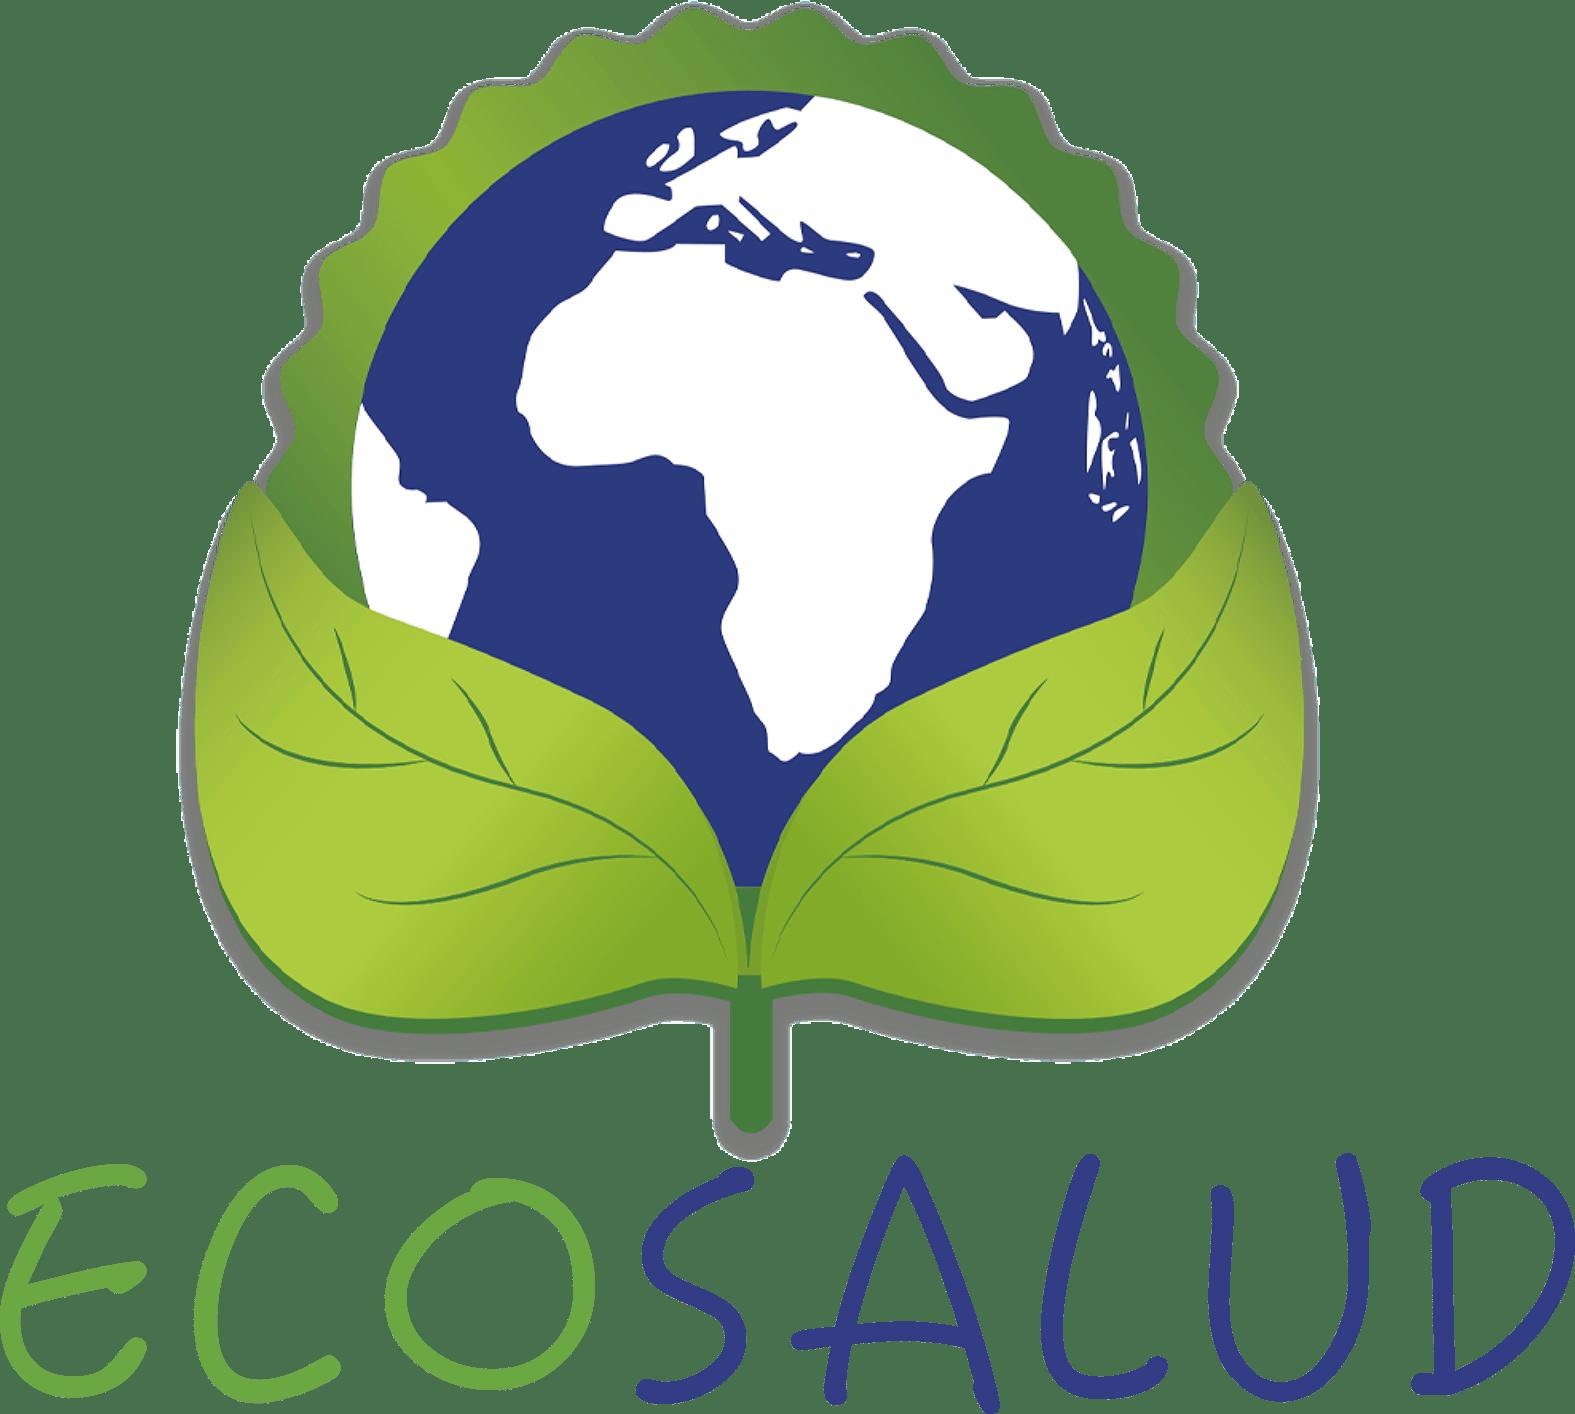 Ecosalud al Día